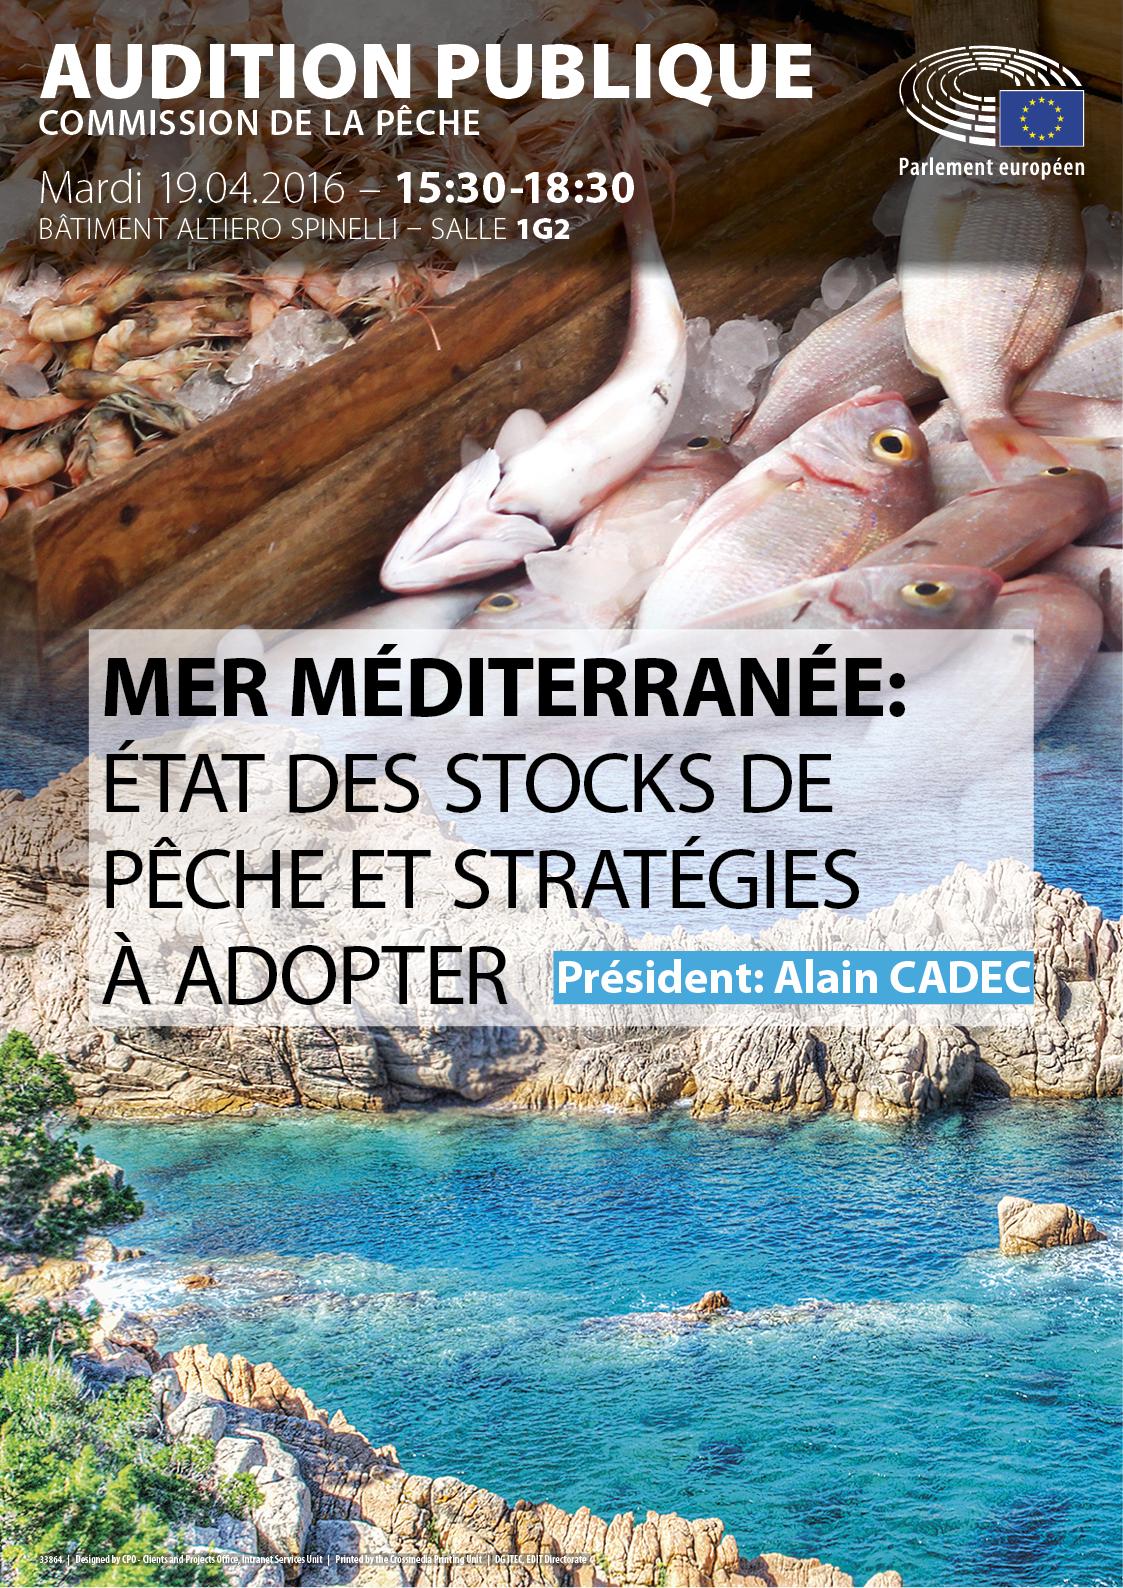 Affiche pour l'audition publique sur Mer méditerranée